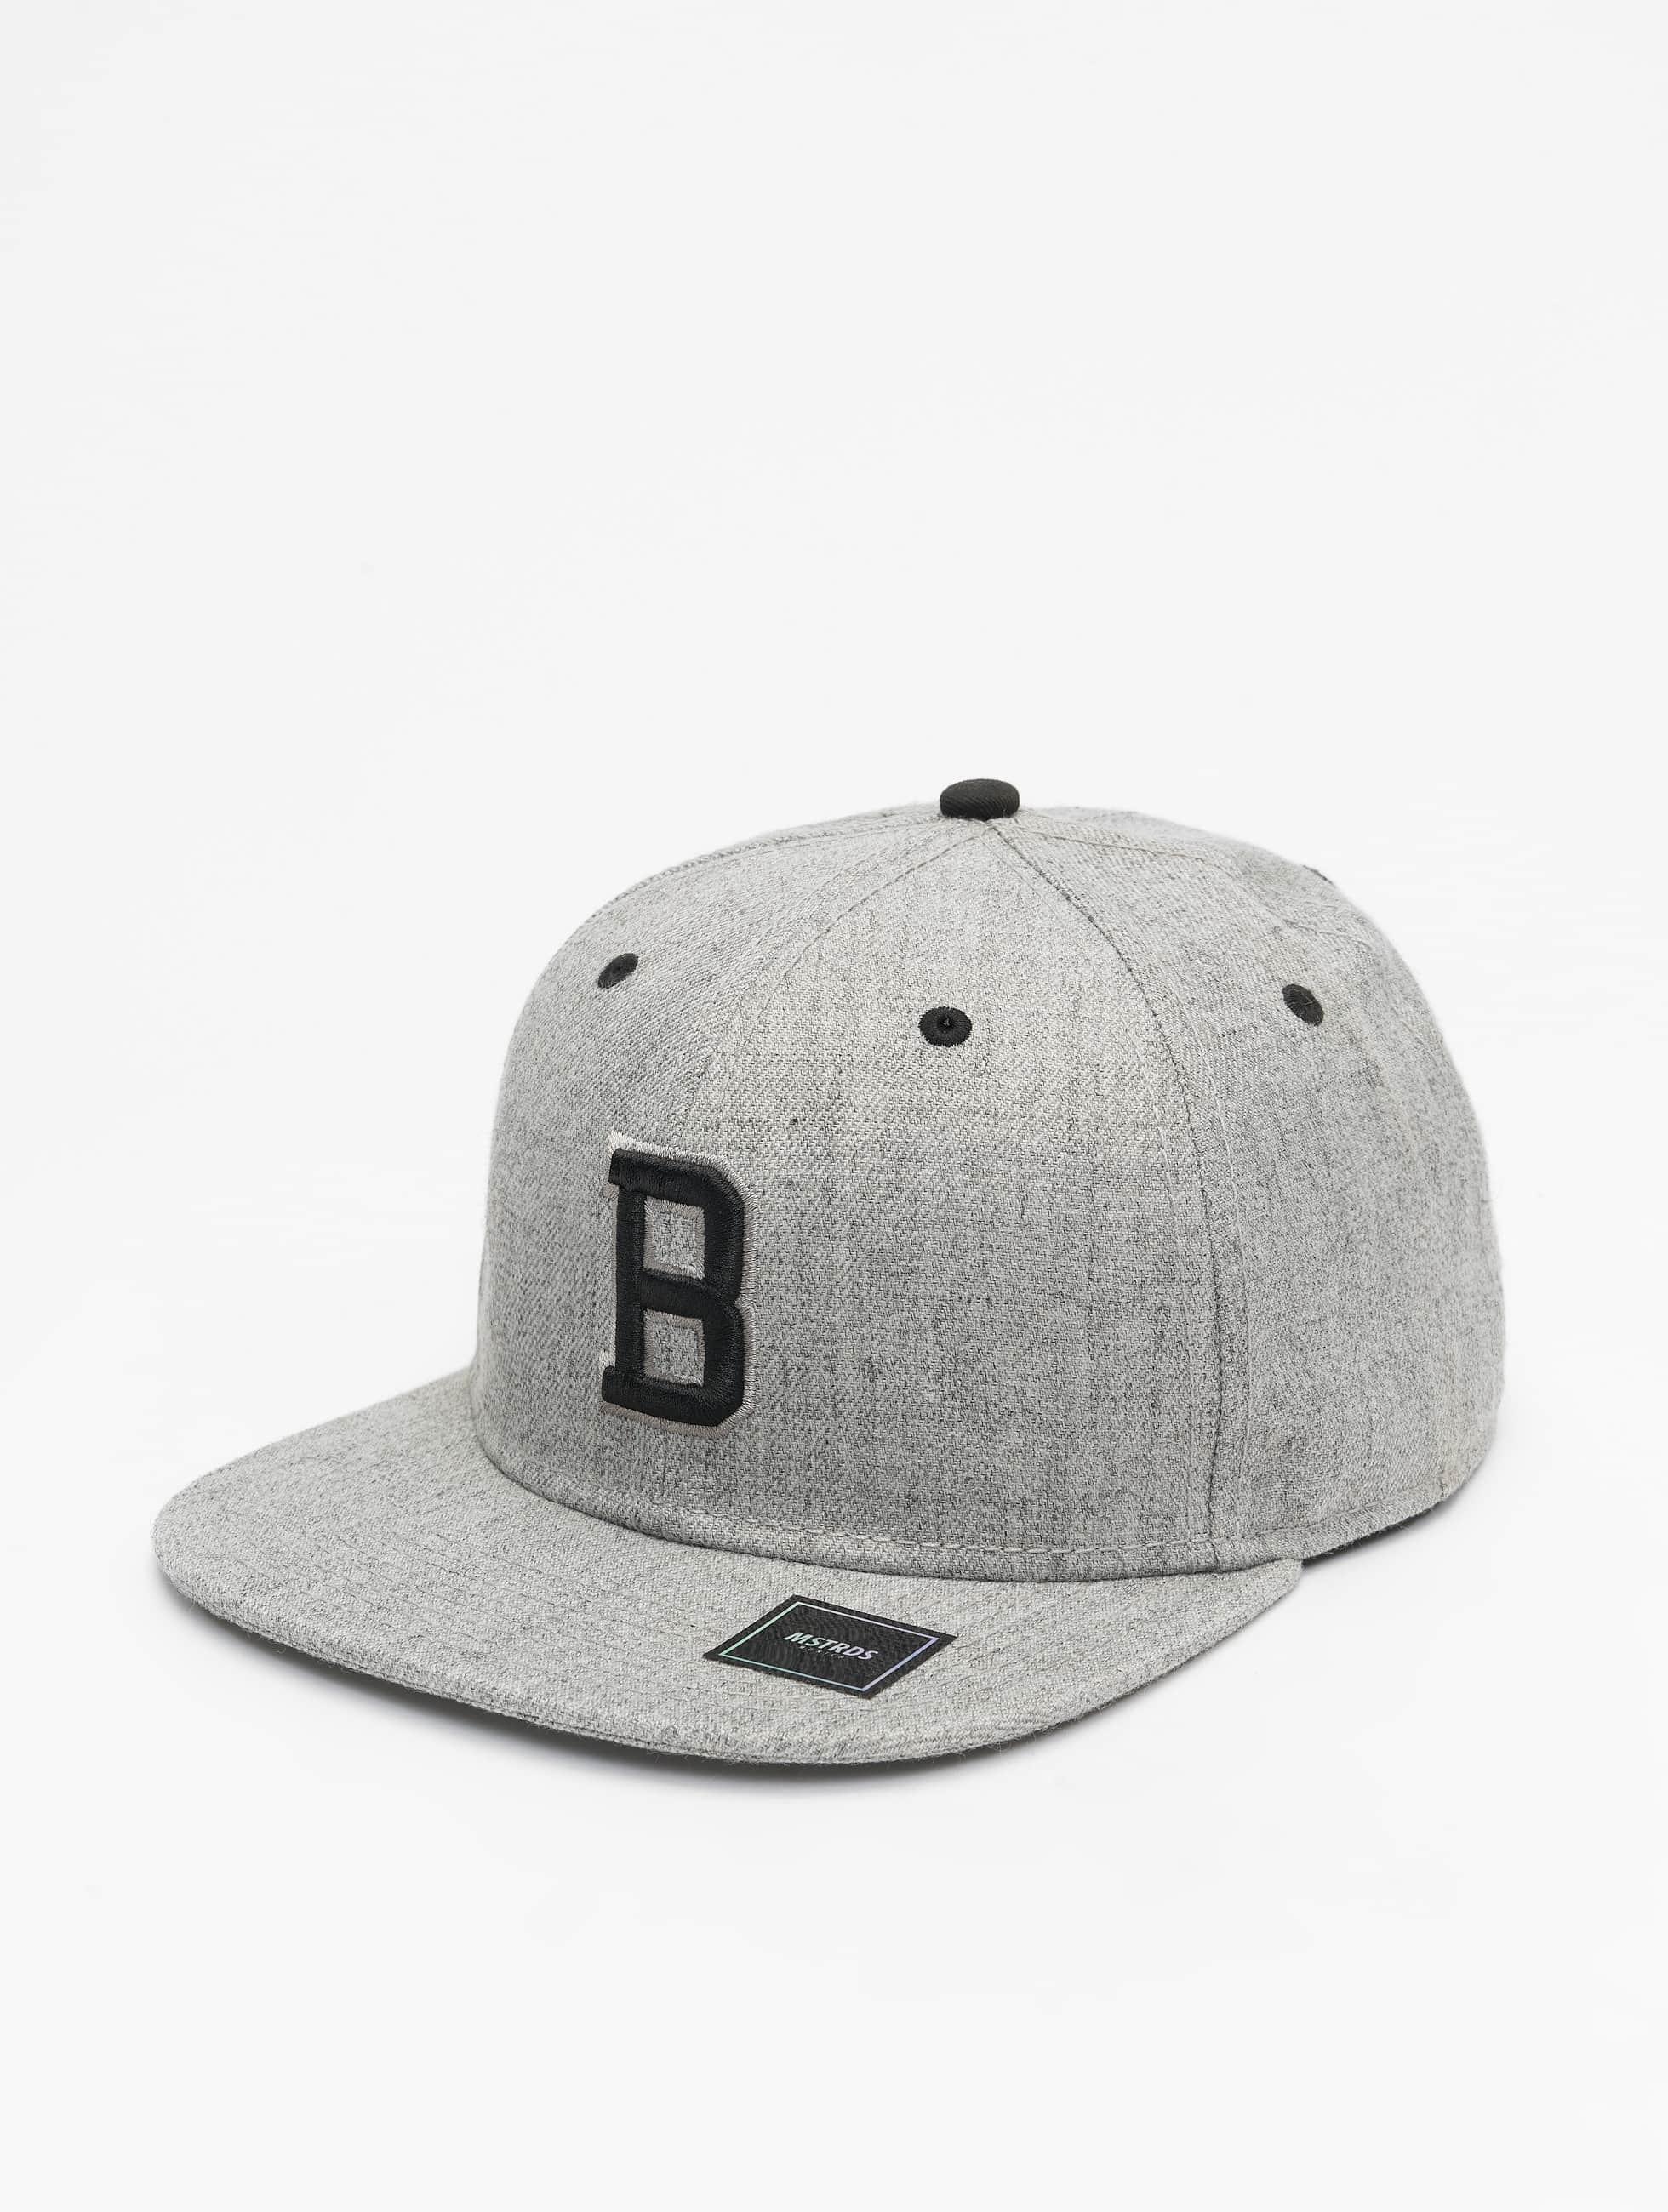 MSTRDS Snapback Cap B Letter grey